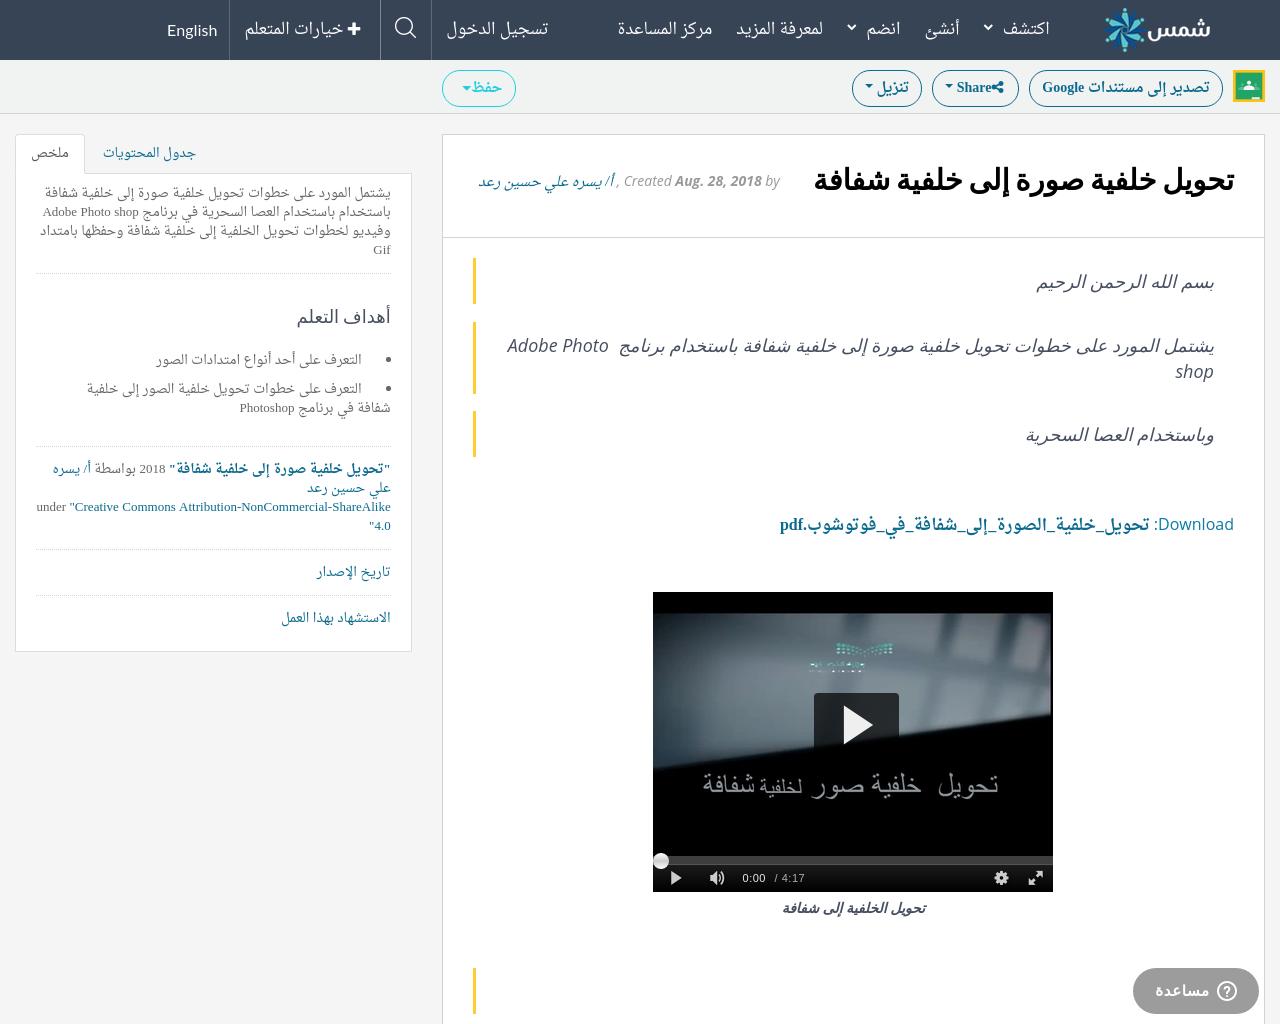 تحويل خلفية صورة إلى خلفية شفافة Shms Saudi Oer Network